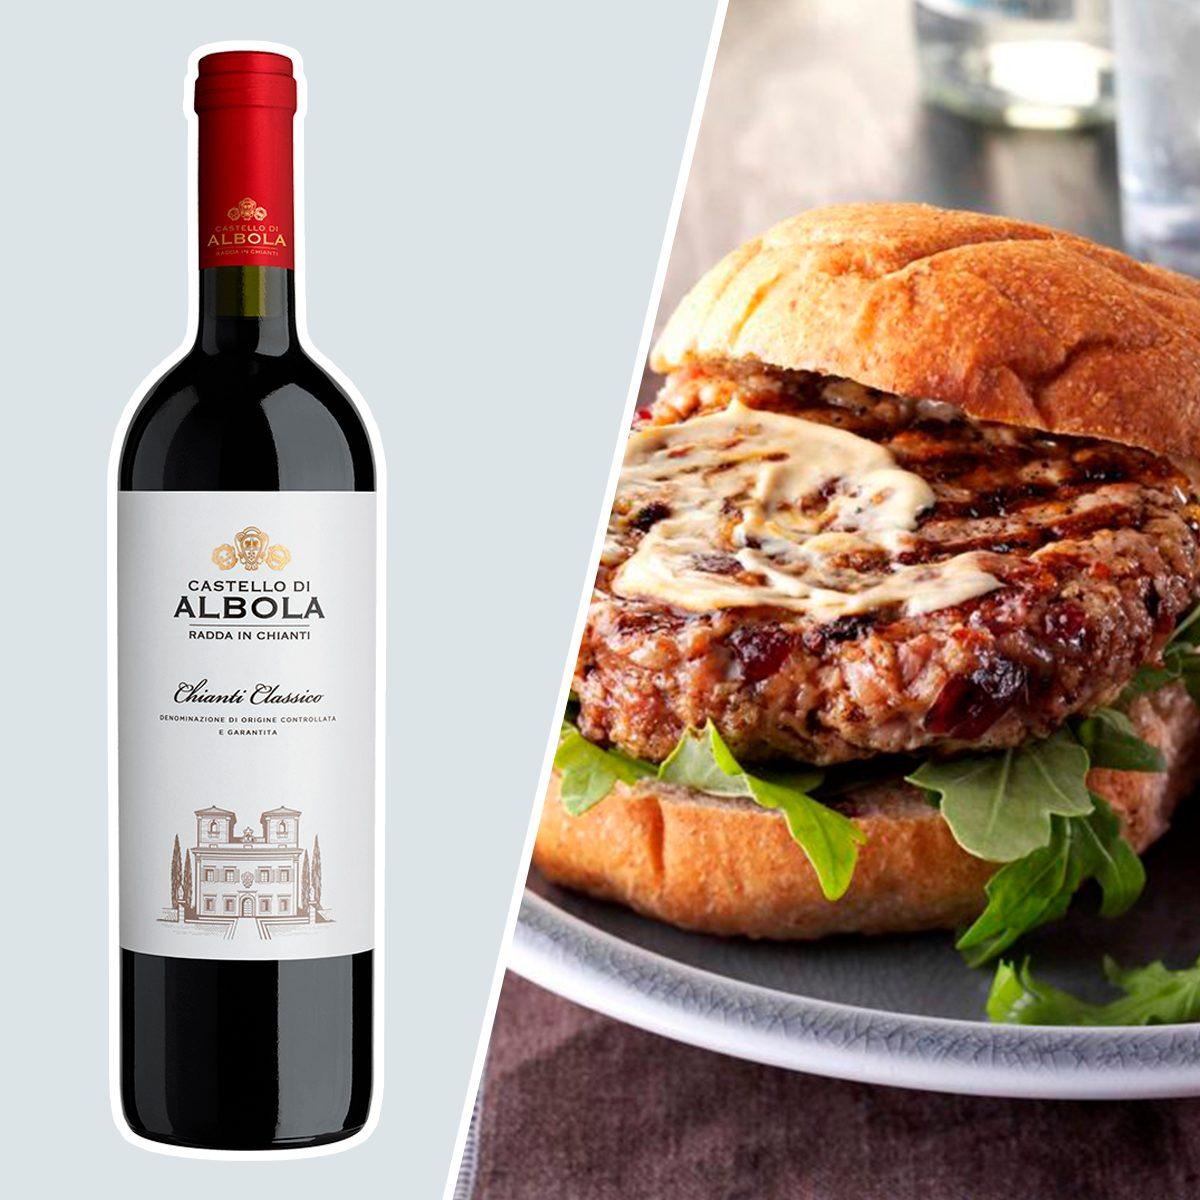 Castello d'Albola Chianti Classico Italian Red and burger